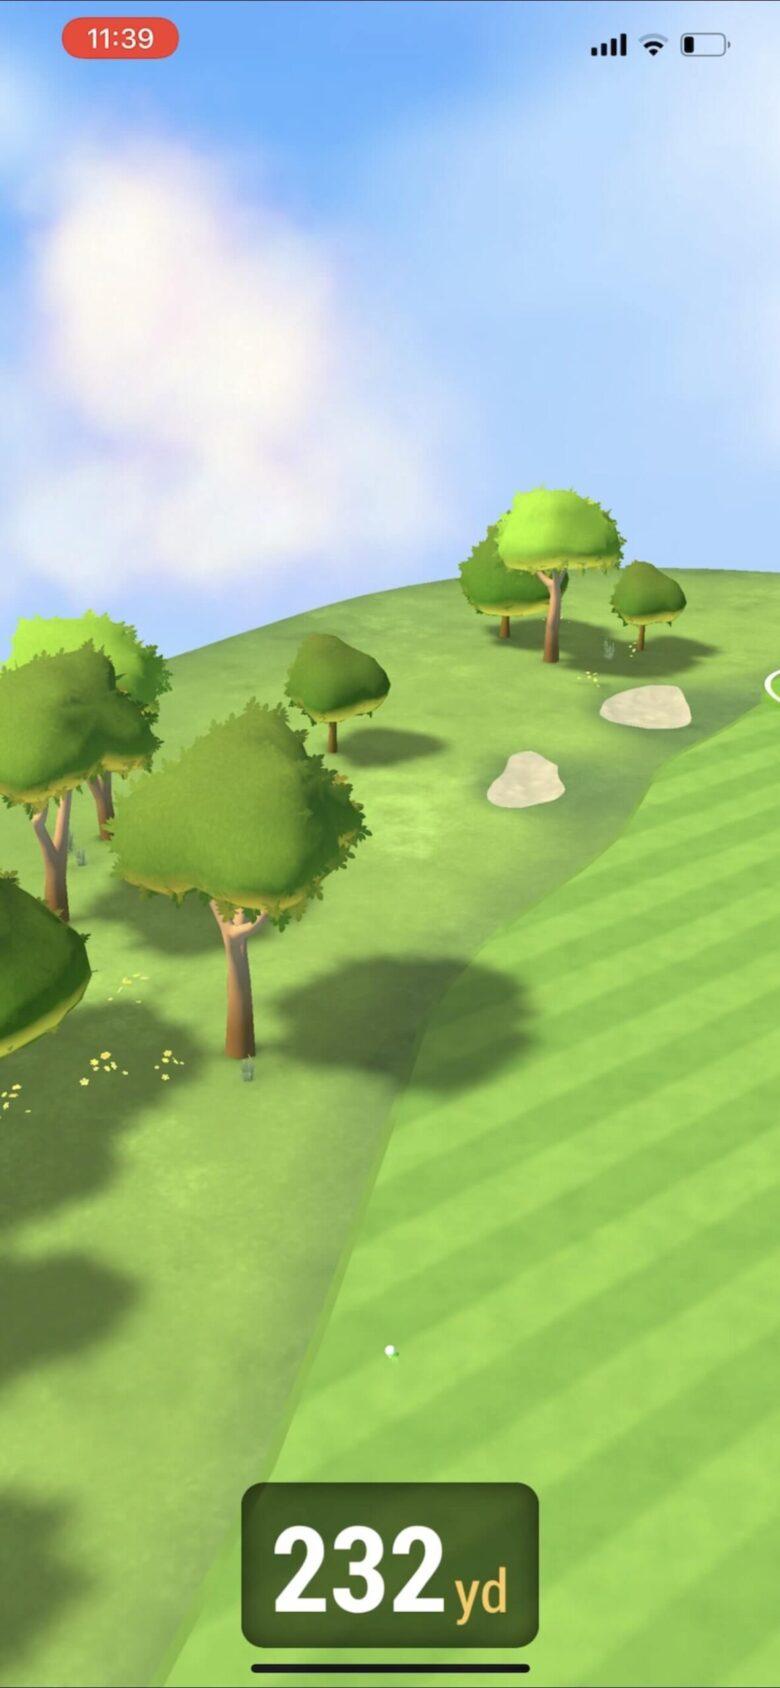 ガーミンApproachR10シミュレーションゴルフ①